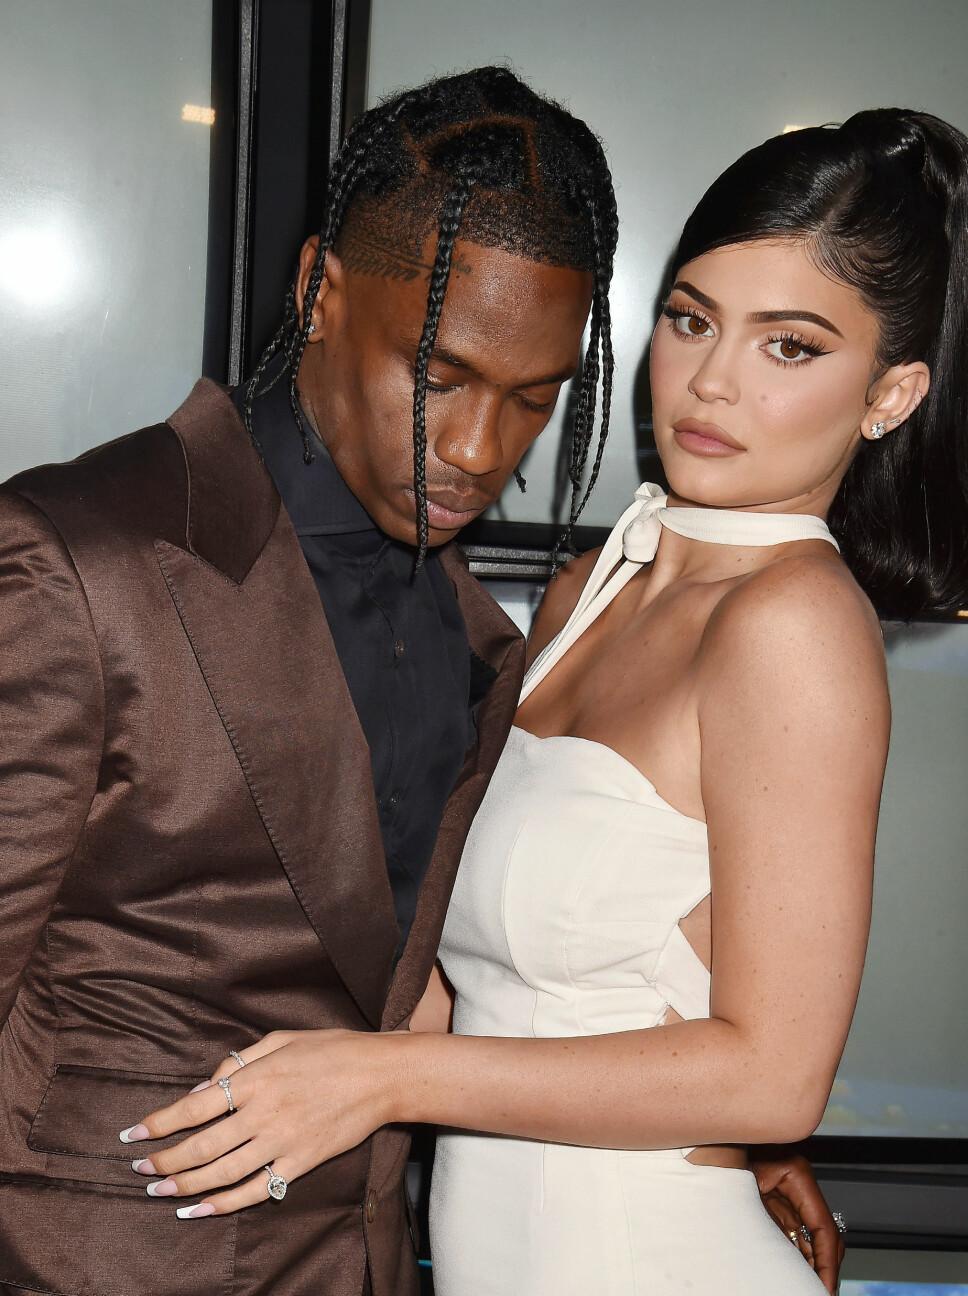 SIST SETT SAMMEN: Travis Scott og Kylie Jenner var sist å se sammen under premieren på «Look Mom, I Can Fly» i slutten av august